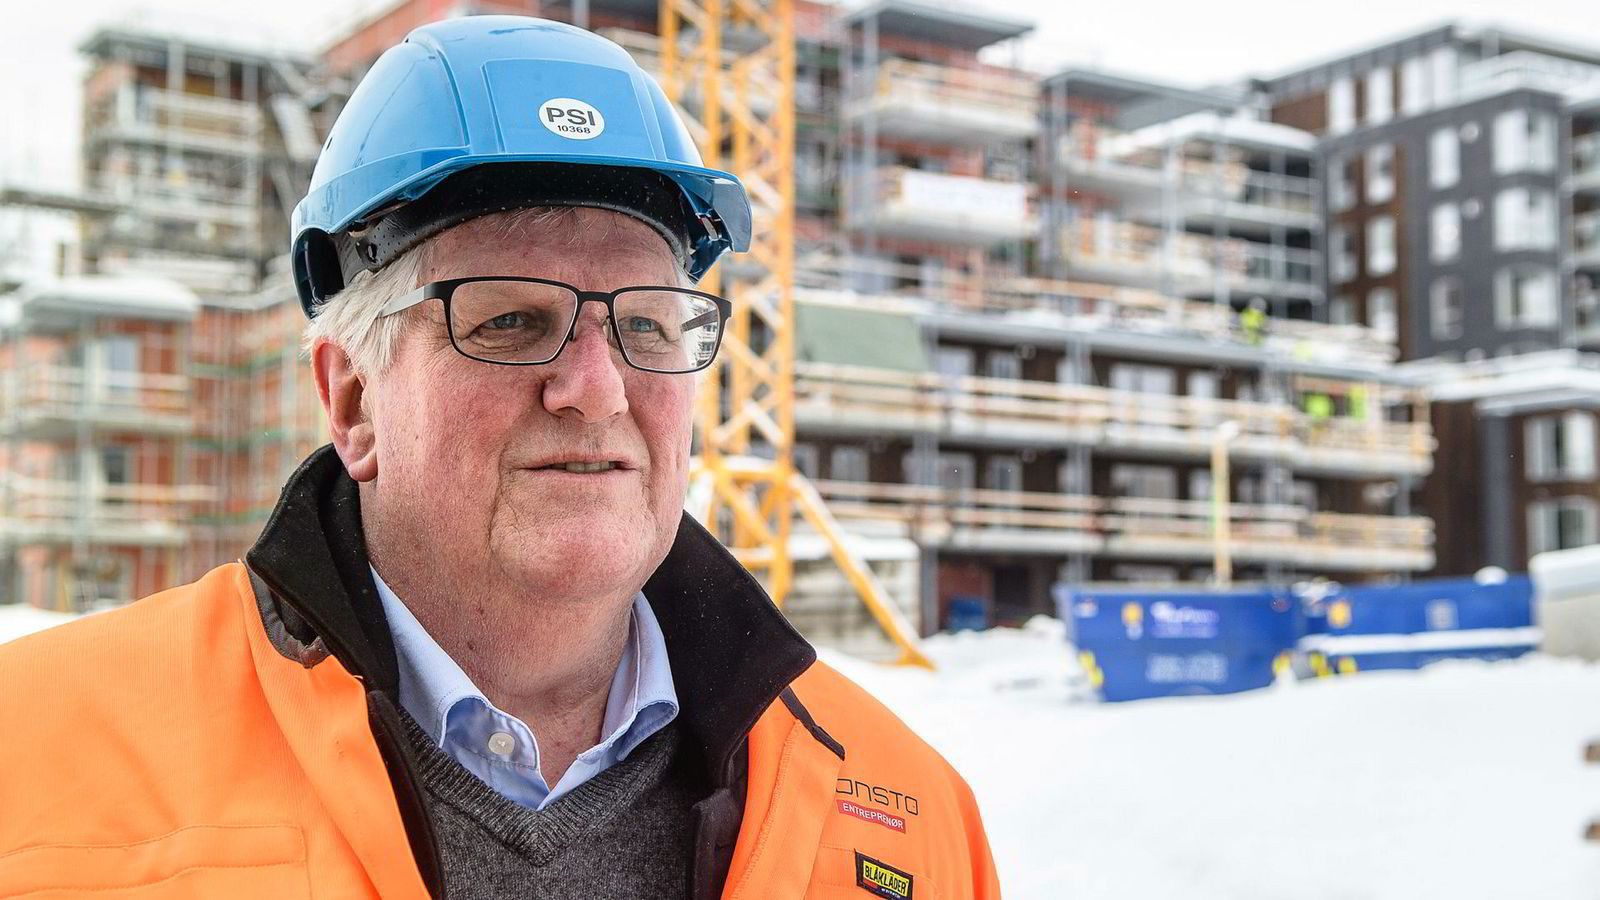 Consto taper penger i Sverige, men vokser i Norge. Konsernsjef Hans Kristian Seterlund innrømmer at de vokste for fort i Sverige. Her på en byggeplass i Tromsø, der selskapet har bygget nytt hovedkontor.